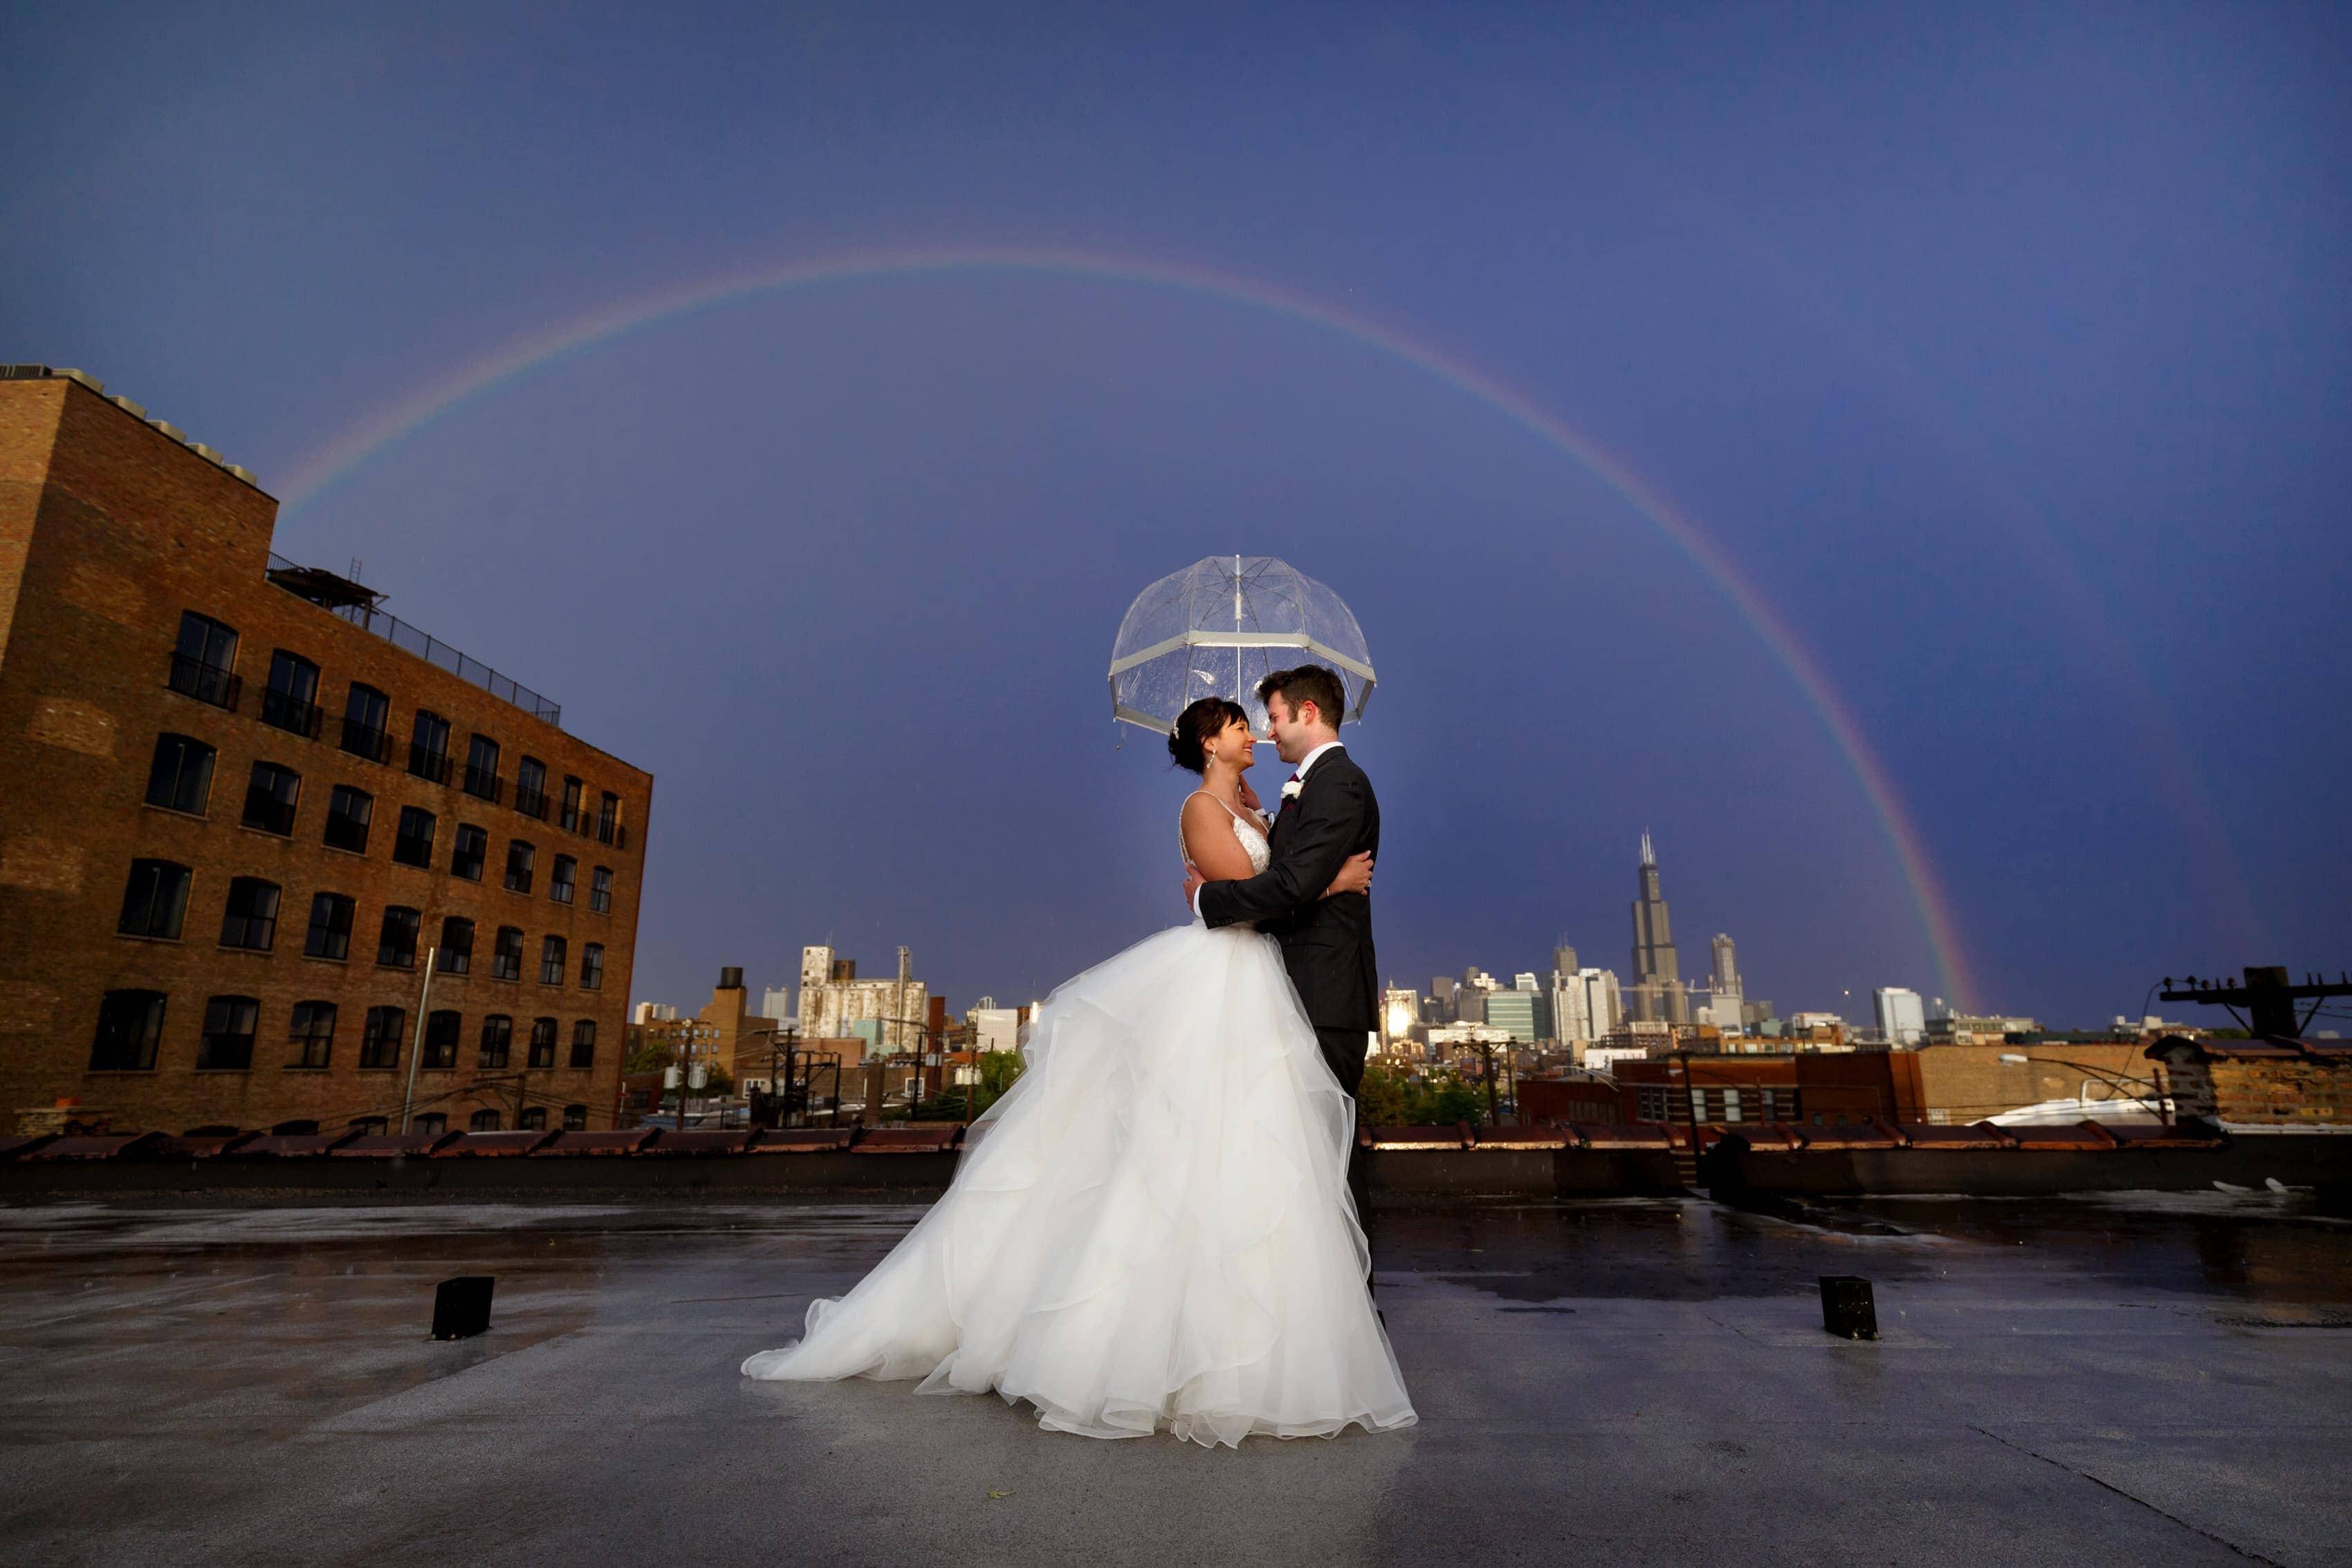 Room 1520 Wedding Photos: Chelsea & Ori